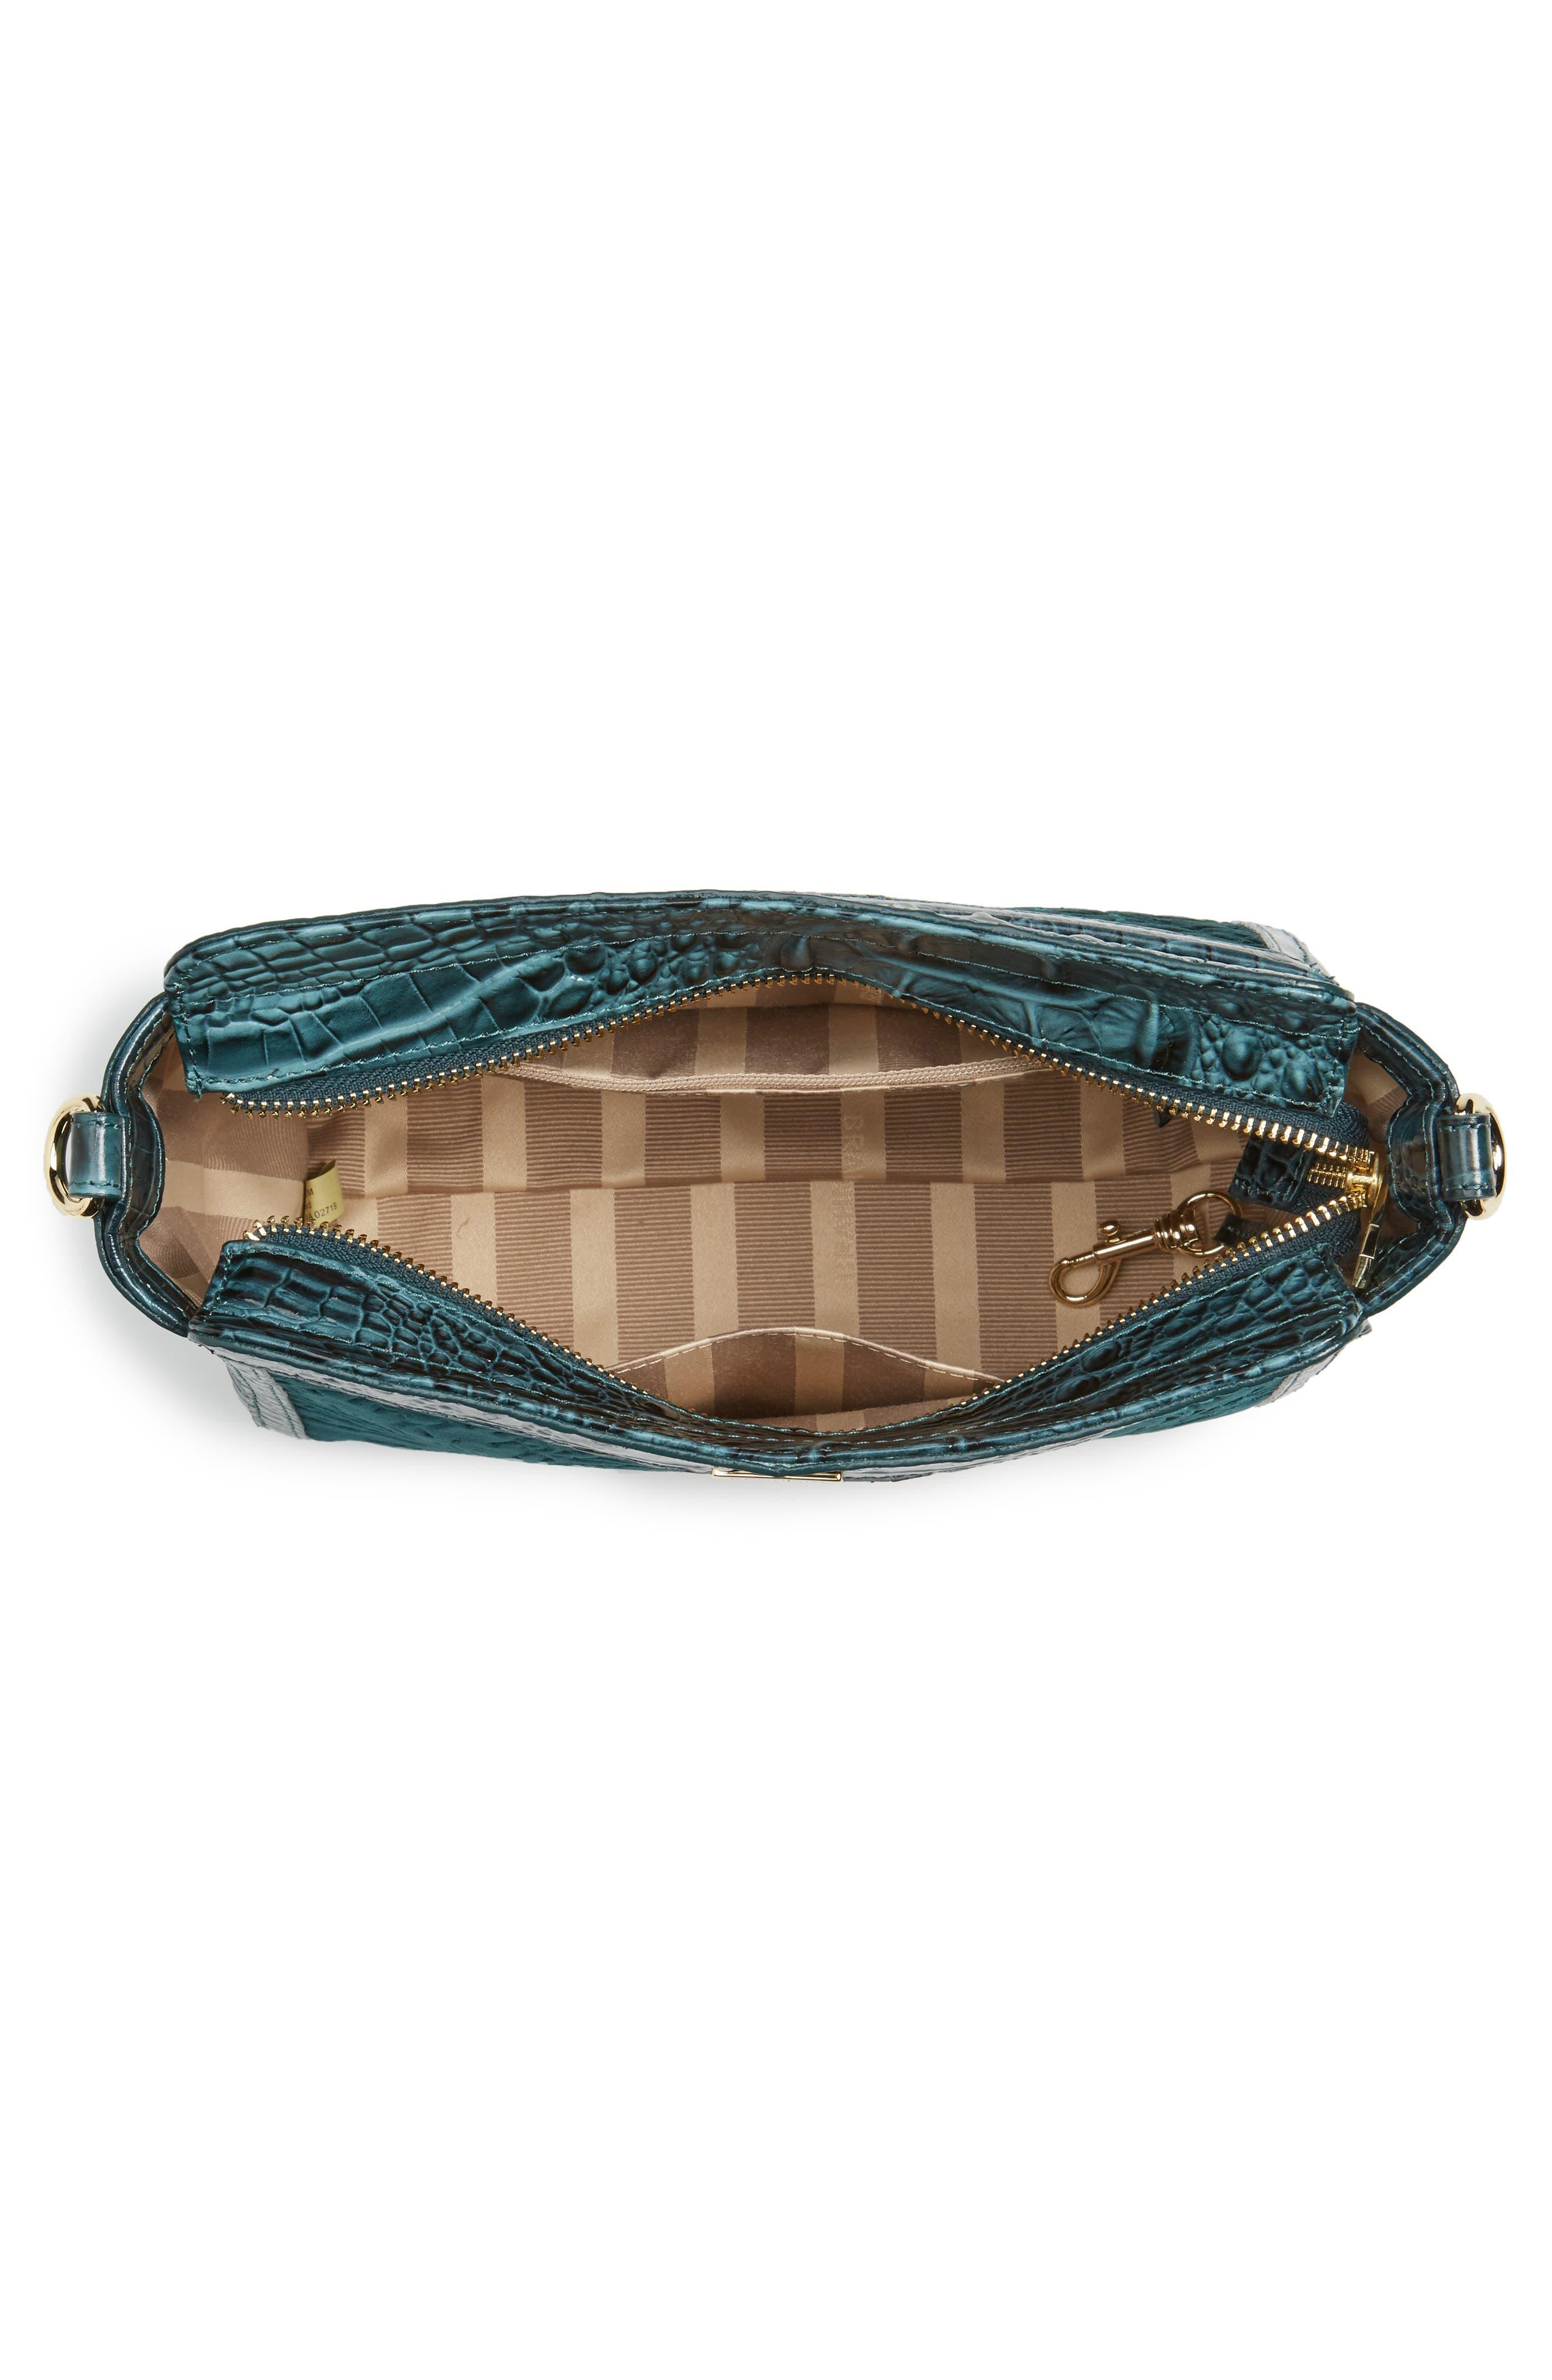 Ivy Cellini Carrie Embossed Velvet Crossbody Bag,                             Alternate thumbnail 4, color,                             353